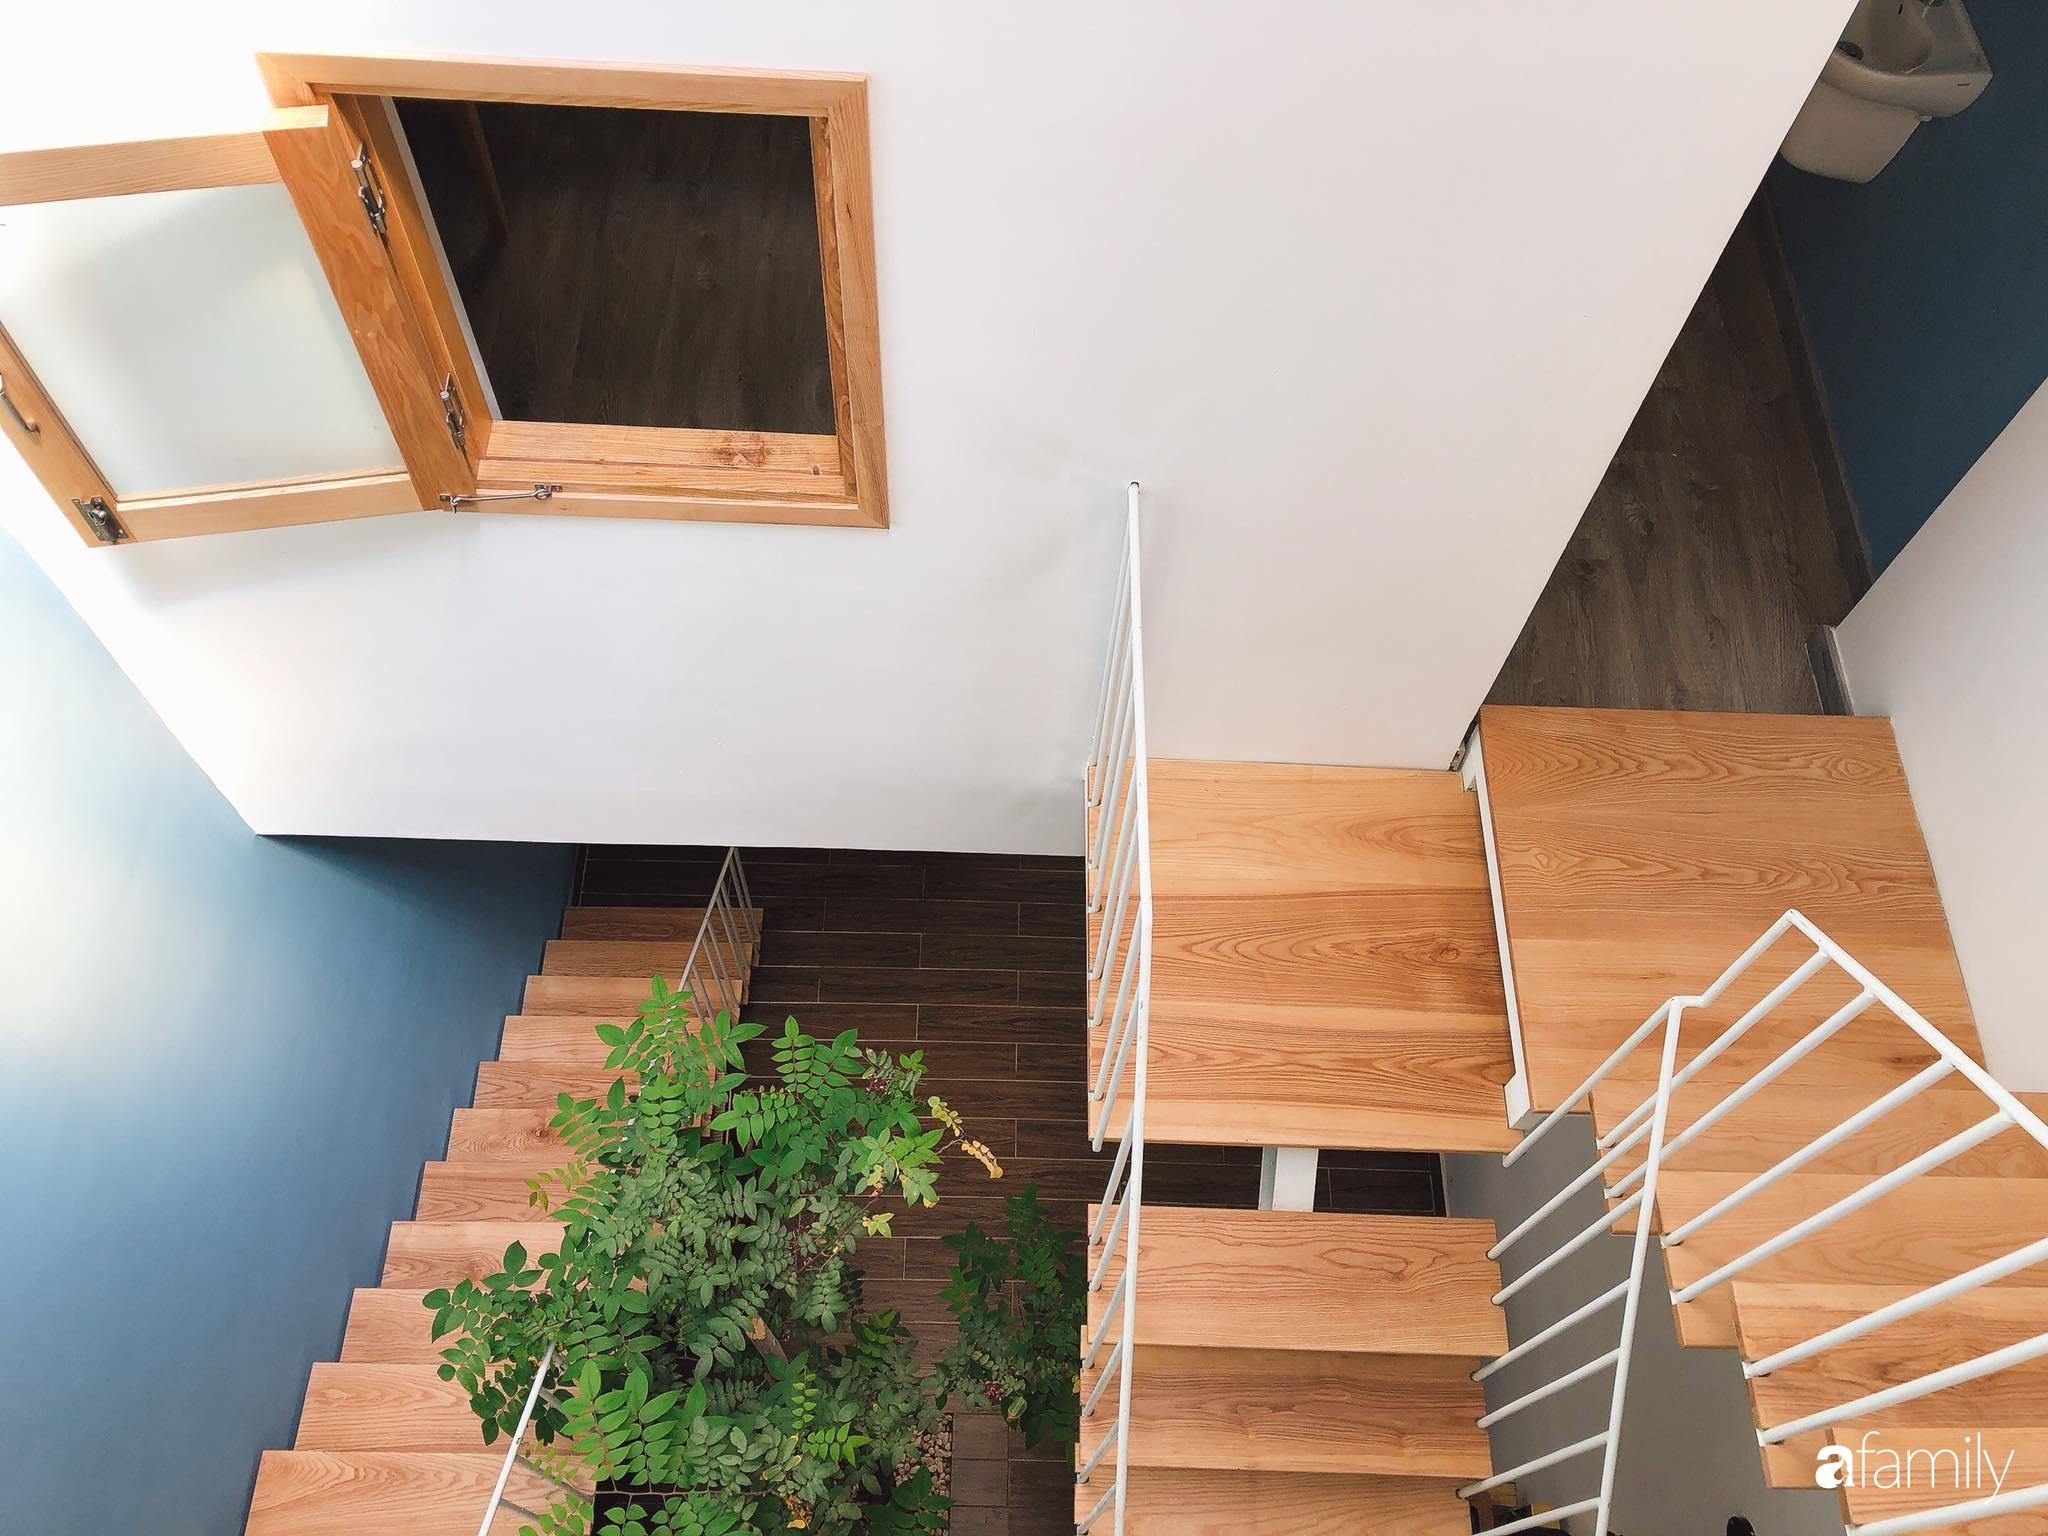 Nhà 35m² được cải tạo thành không gian sống hiện đại với ánh sáng ngập tràn cùng những chất liệu thân thiện với môi trường ở Vũng Tàu - Ảnh 15.